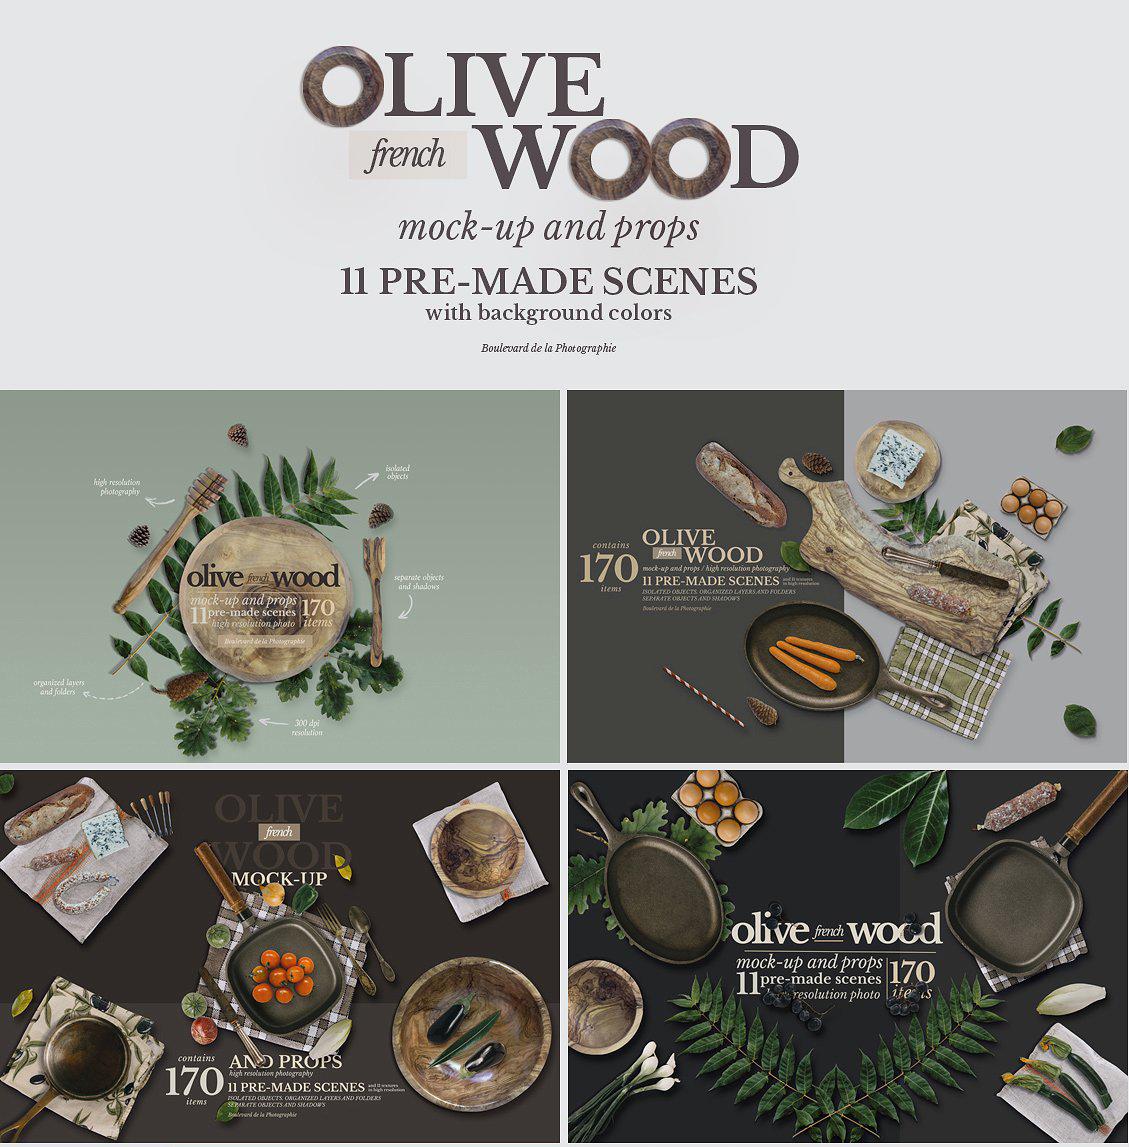 5.98G 餐饮品牌设计提案橄榄木木质餐具展示样机 Olive Wood Mock-Up Scene Generator插图(13)